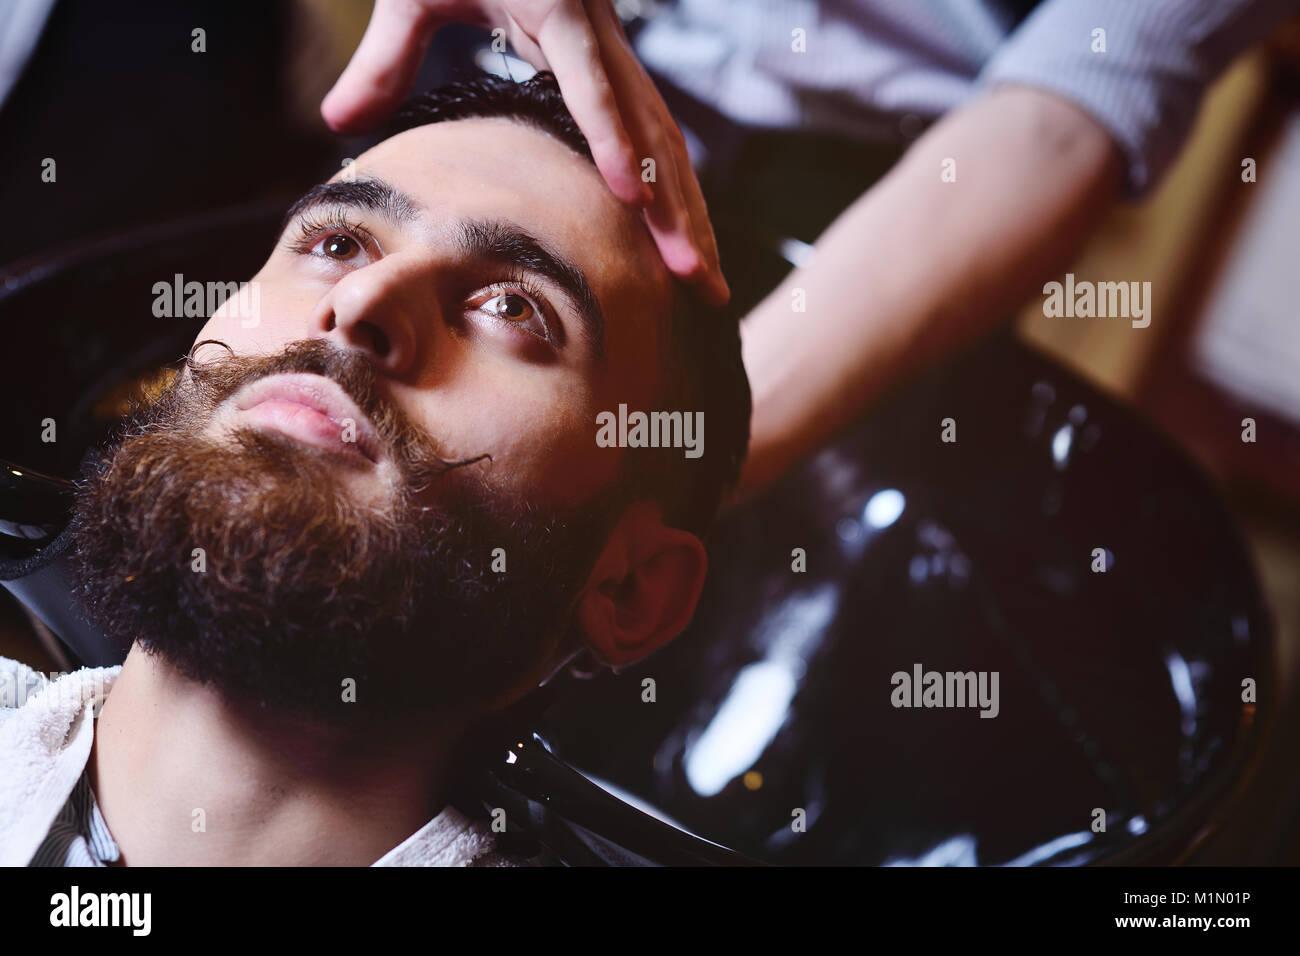 Coiffeur ou se lave la tête du client Photo Stock